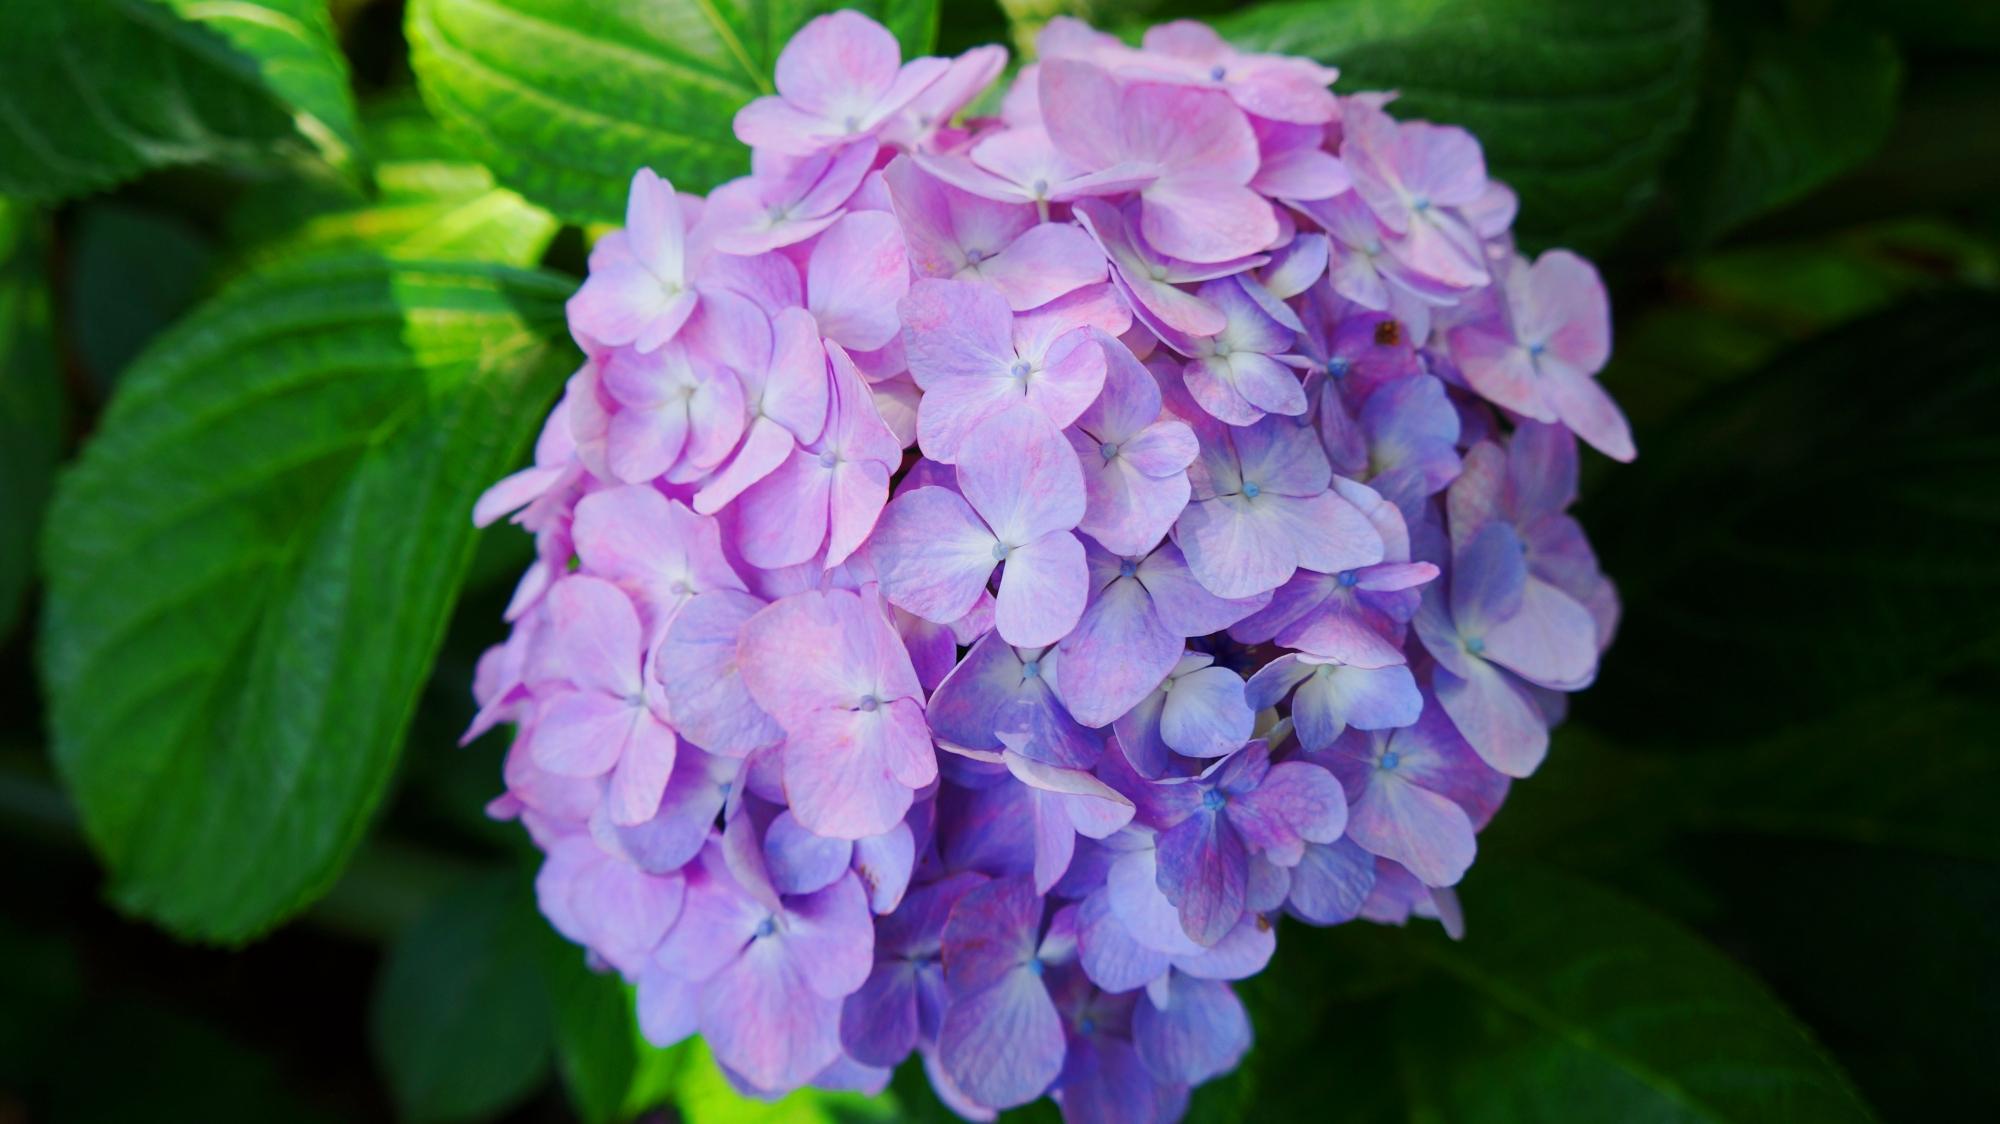 ほのかで優しげな雰囲気のする紫陽花